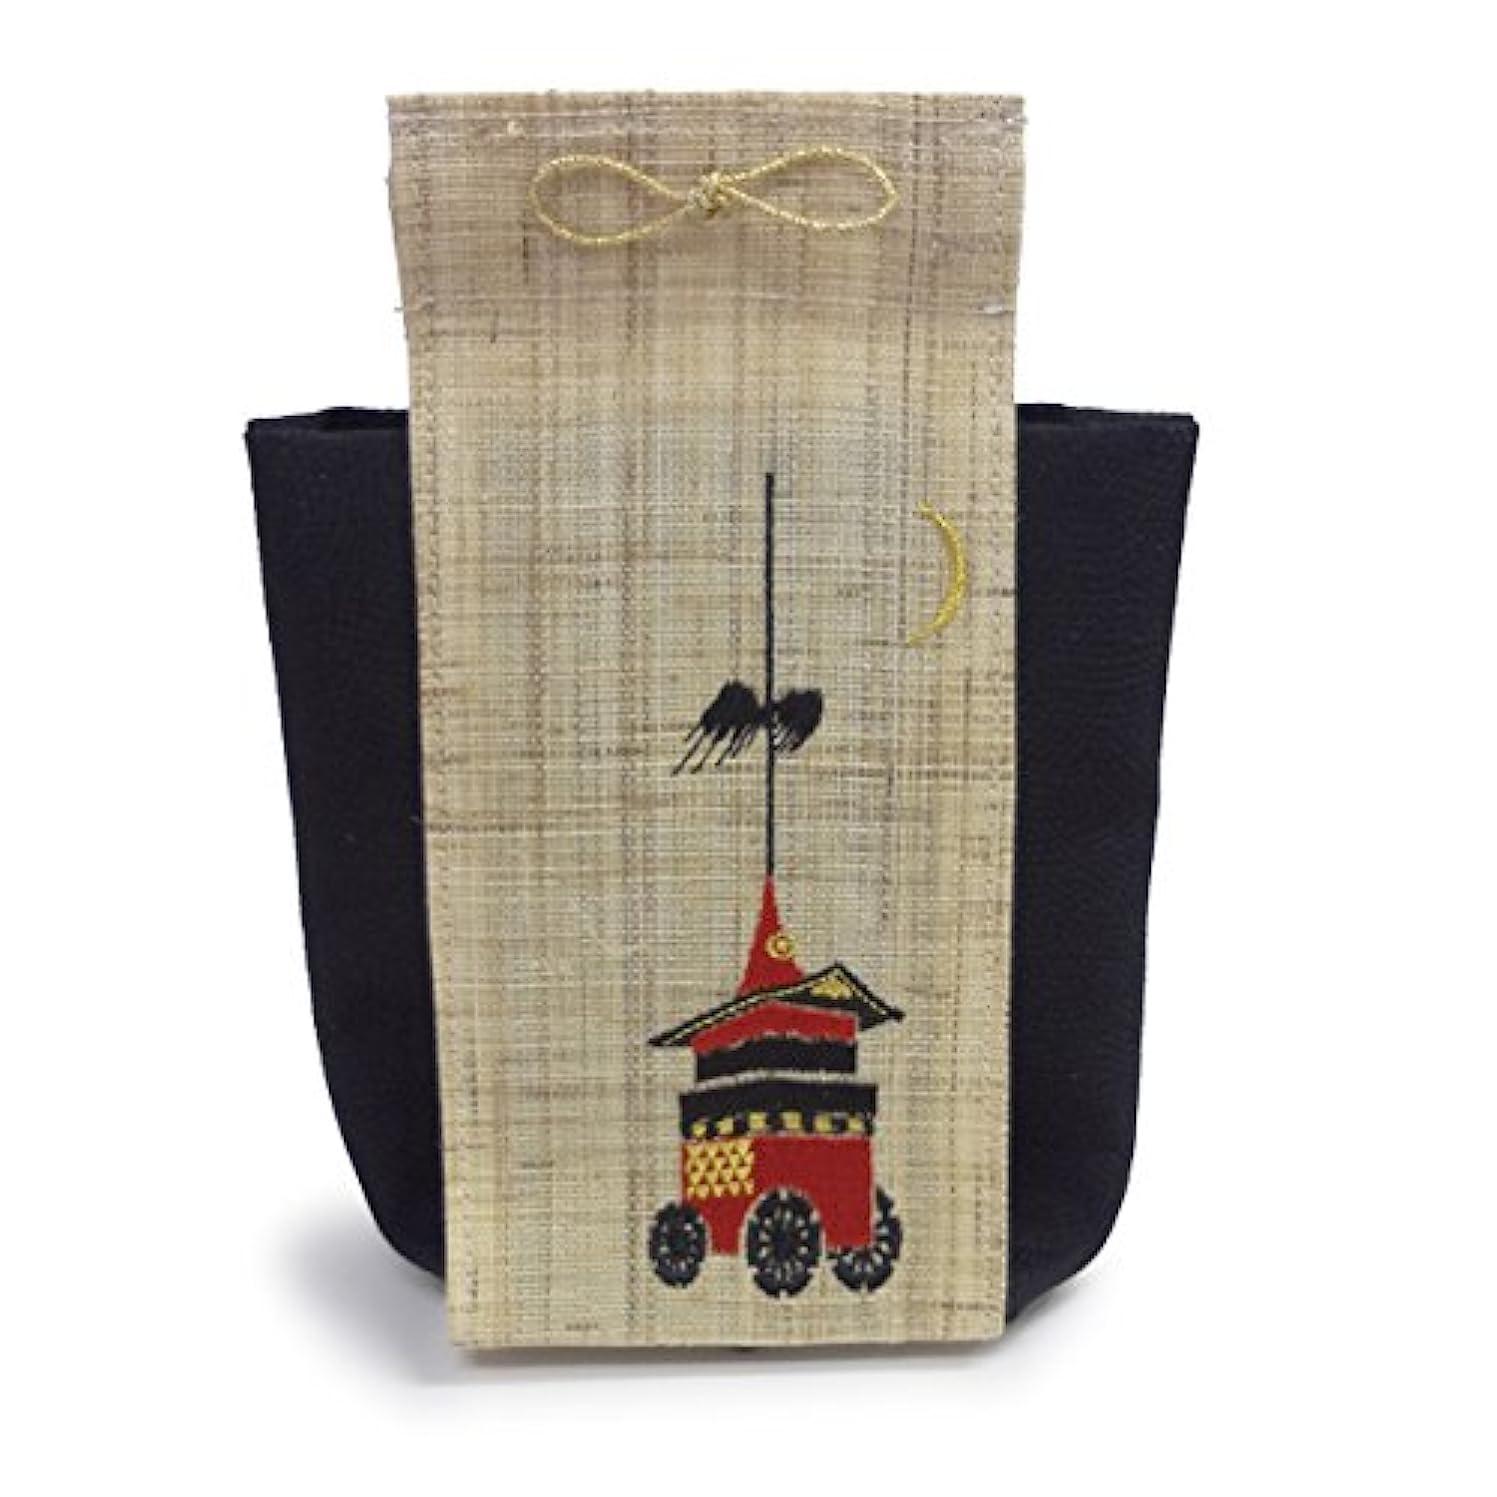 内訳豚小人香飾り 京の風物詩 祇園祭